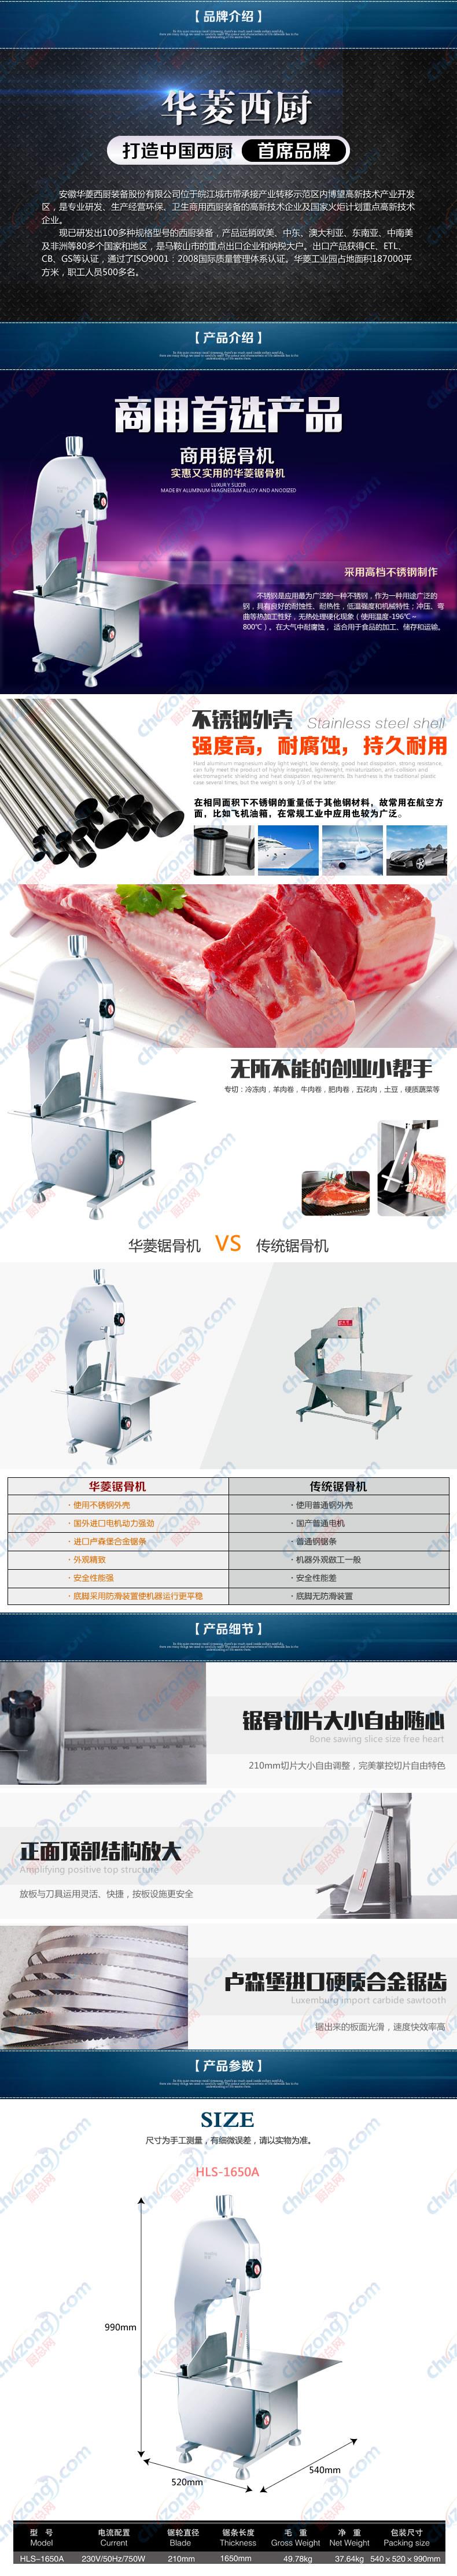 華菱西廚鋸骨機,鋁鎂合金鋸骨機,商用鋸骨機HLS-1650A